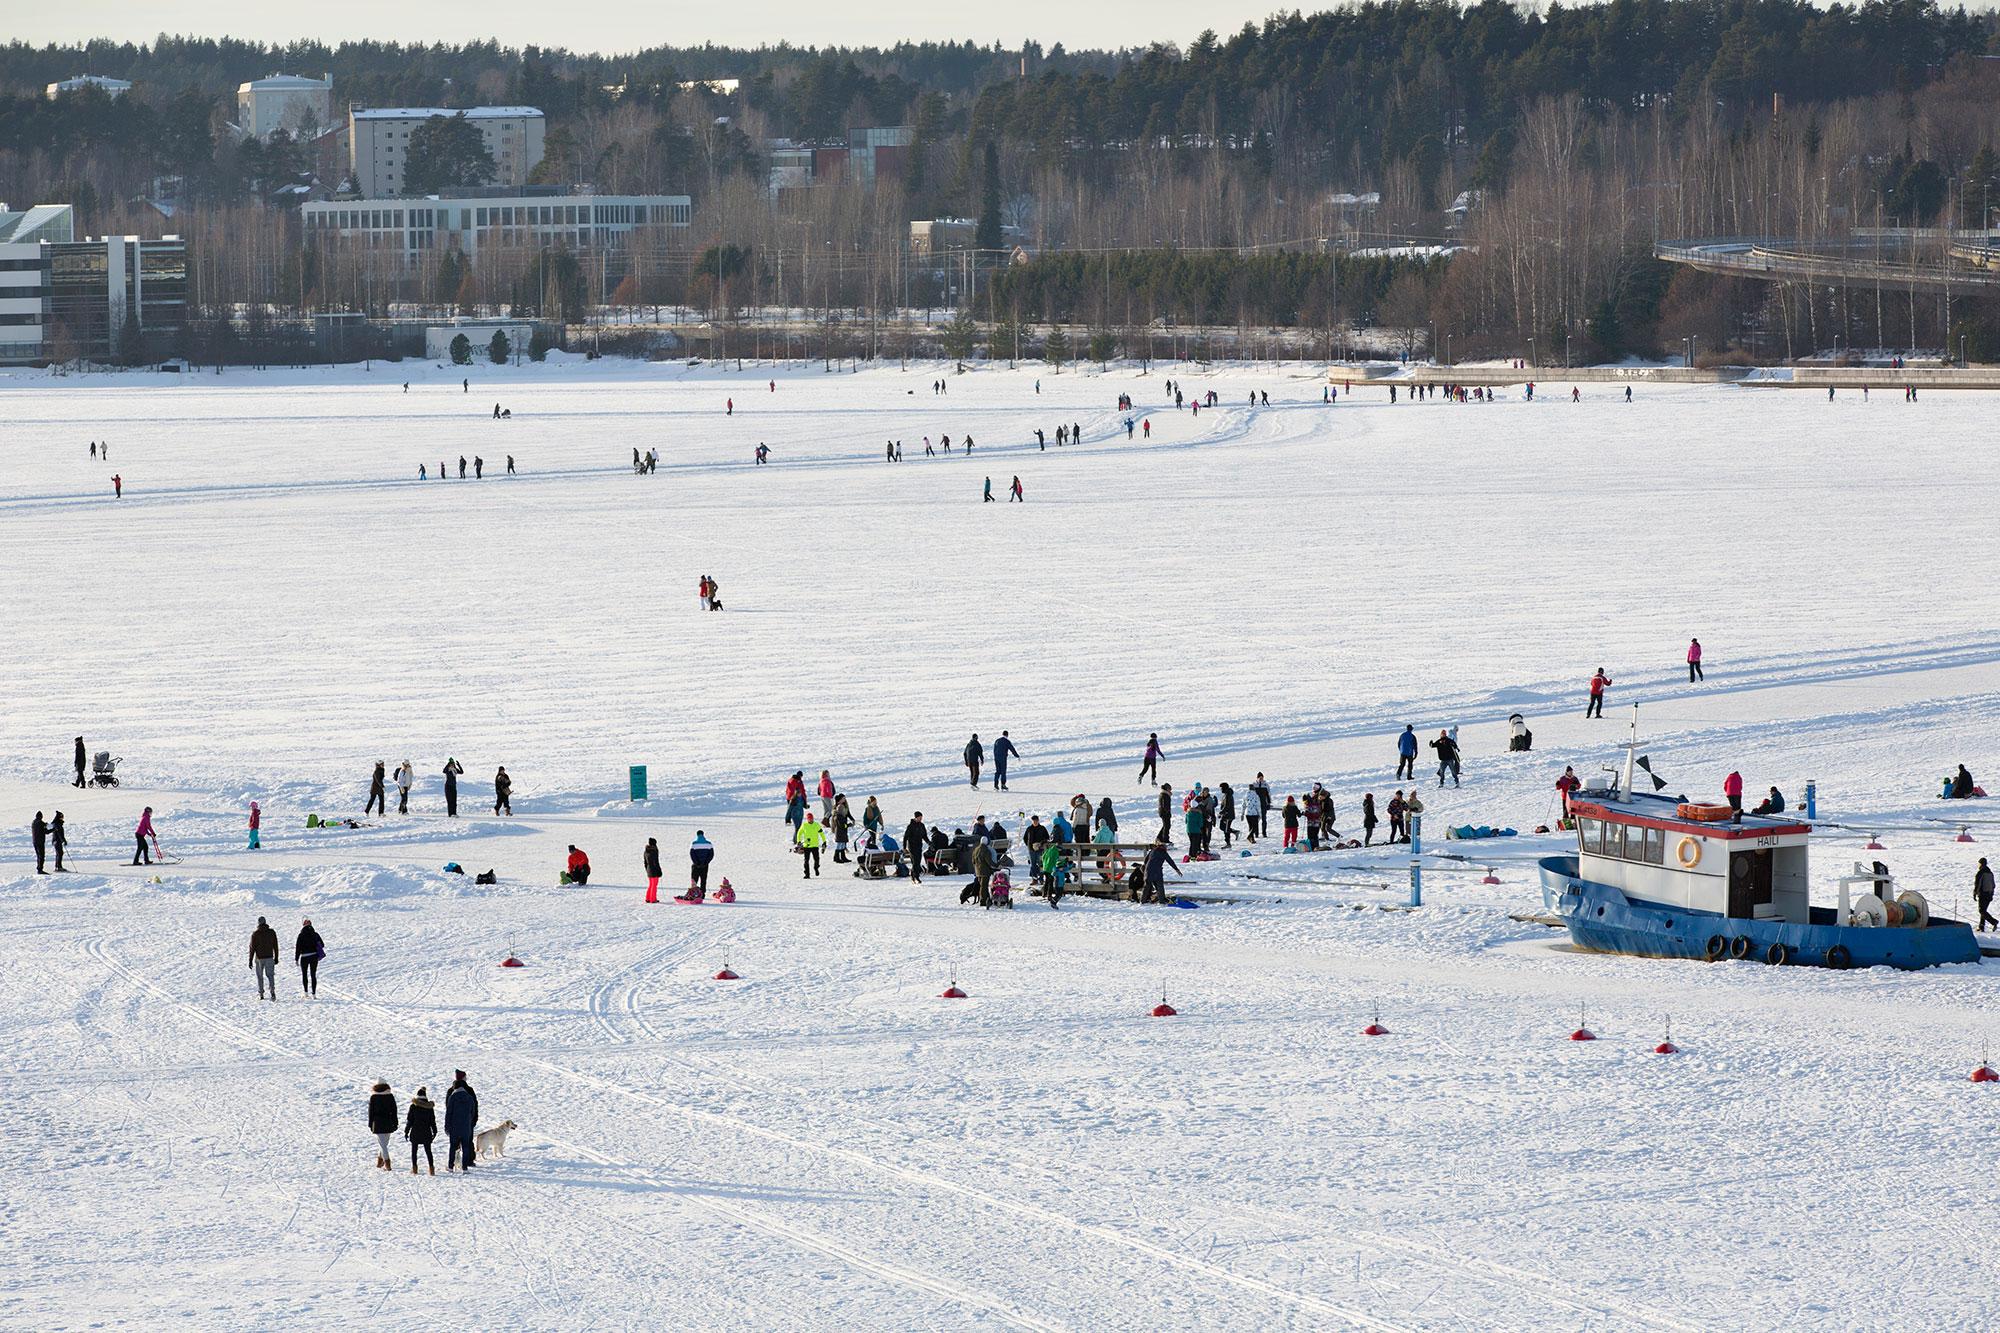 Ihmisi ulkoilemassa Jyväsjärven jäälllä